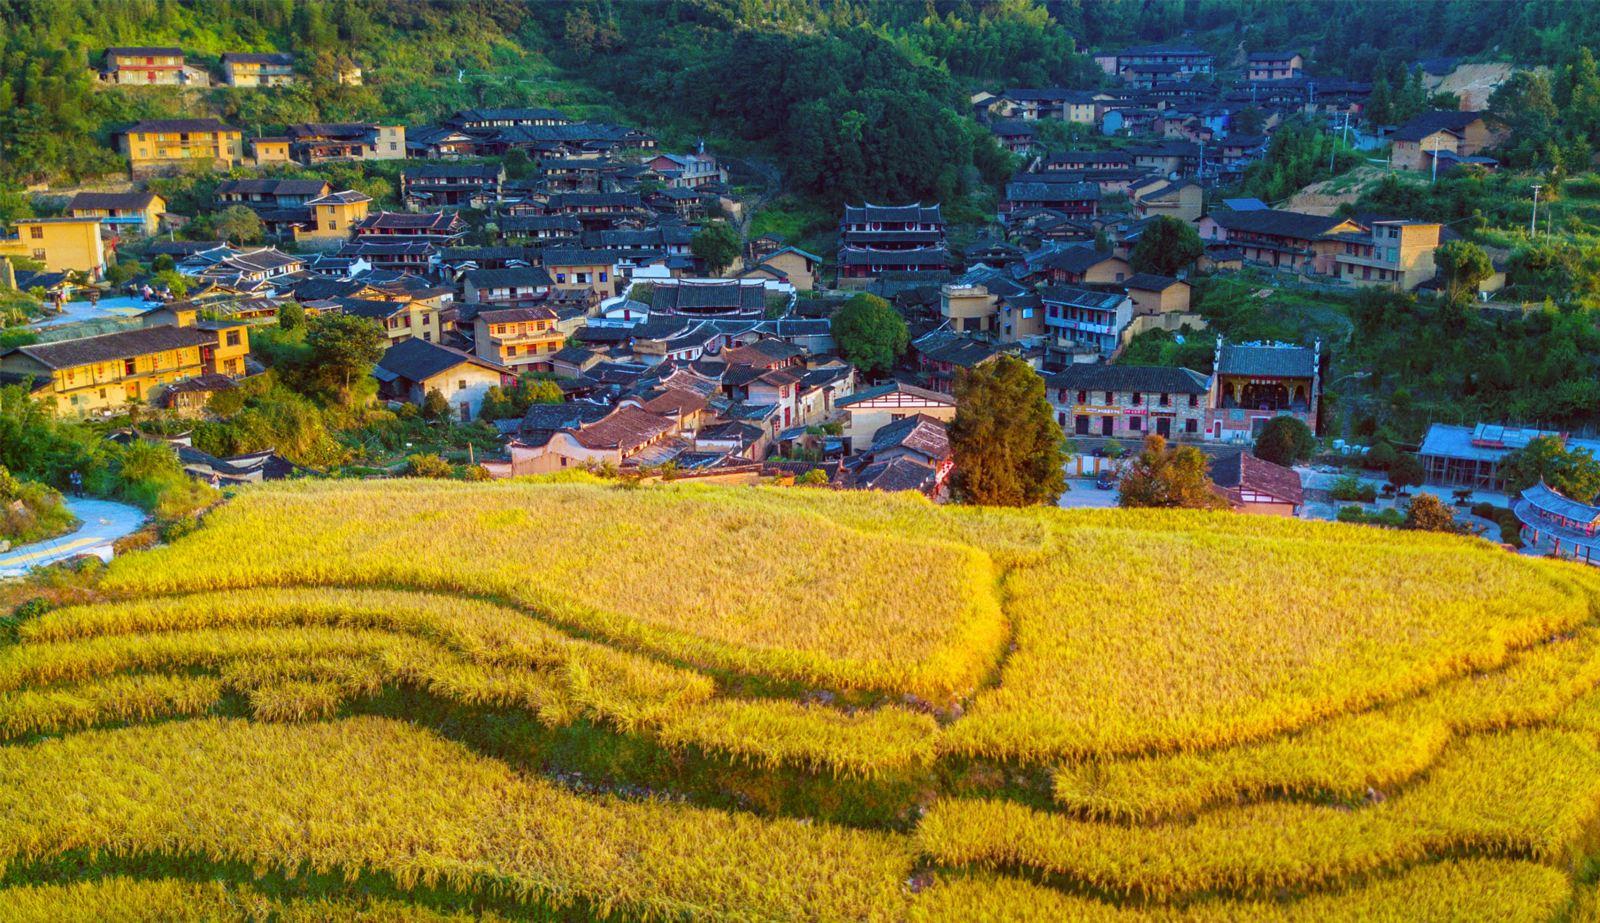 桂峰古村落景区